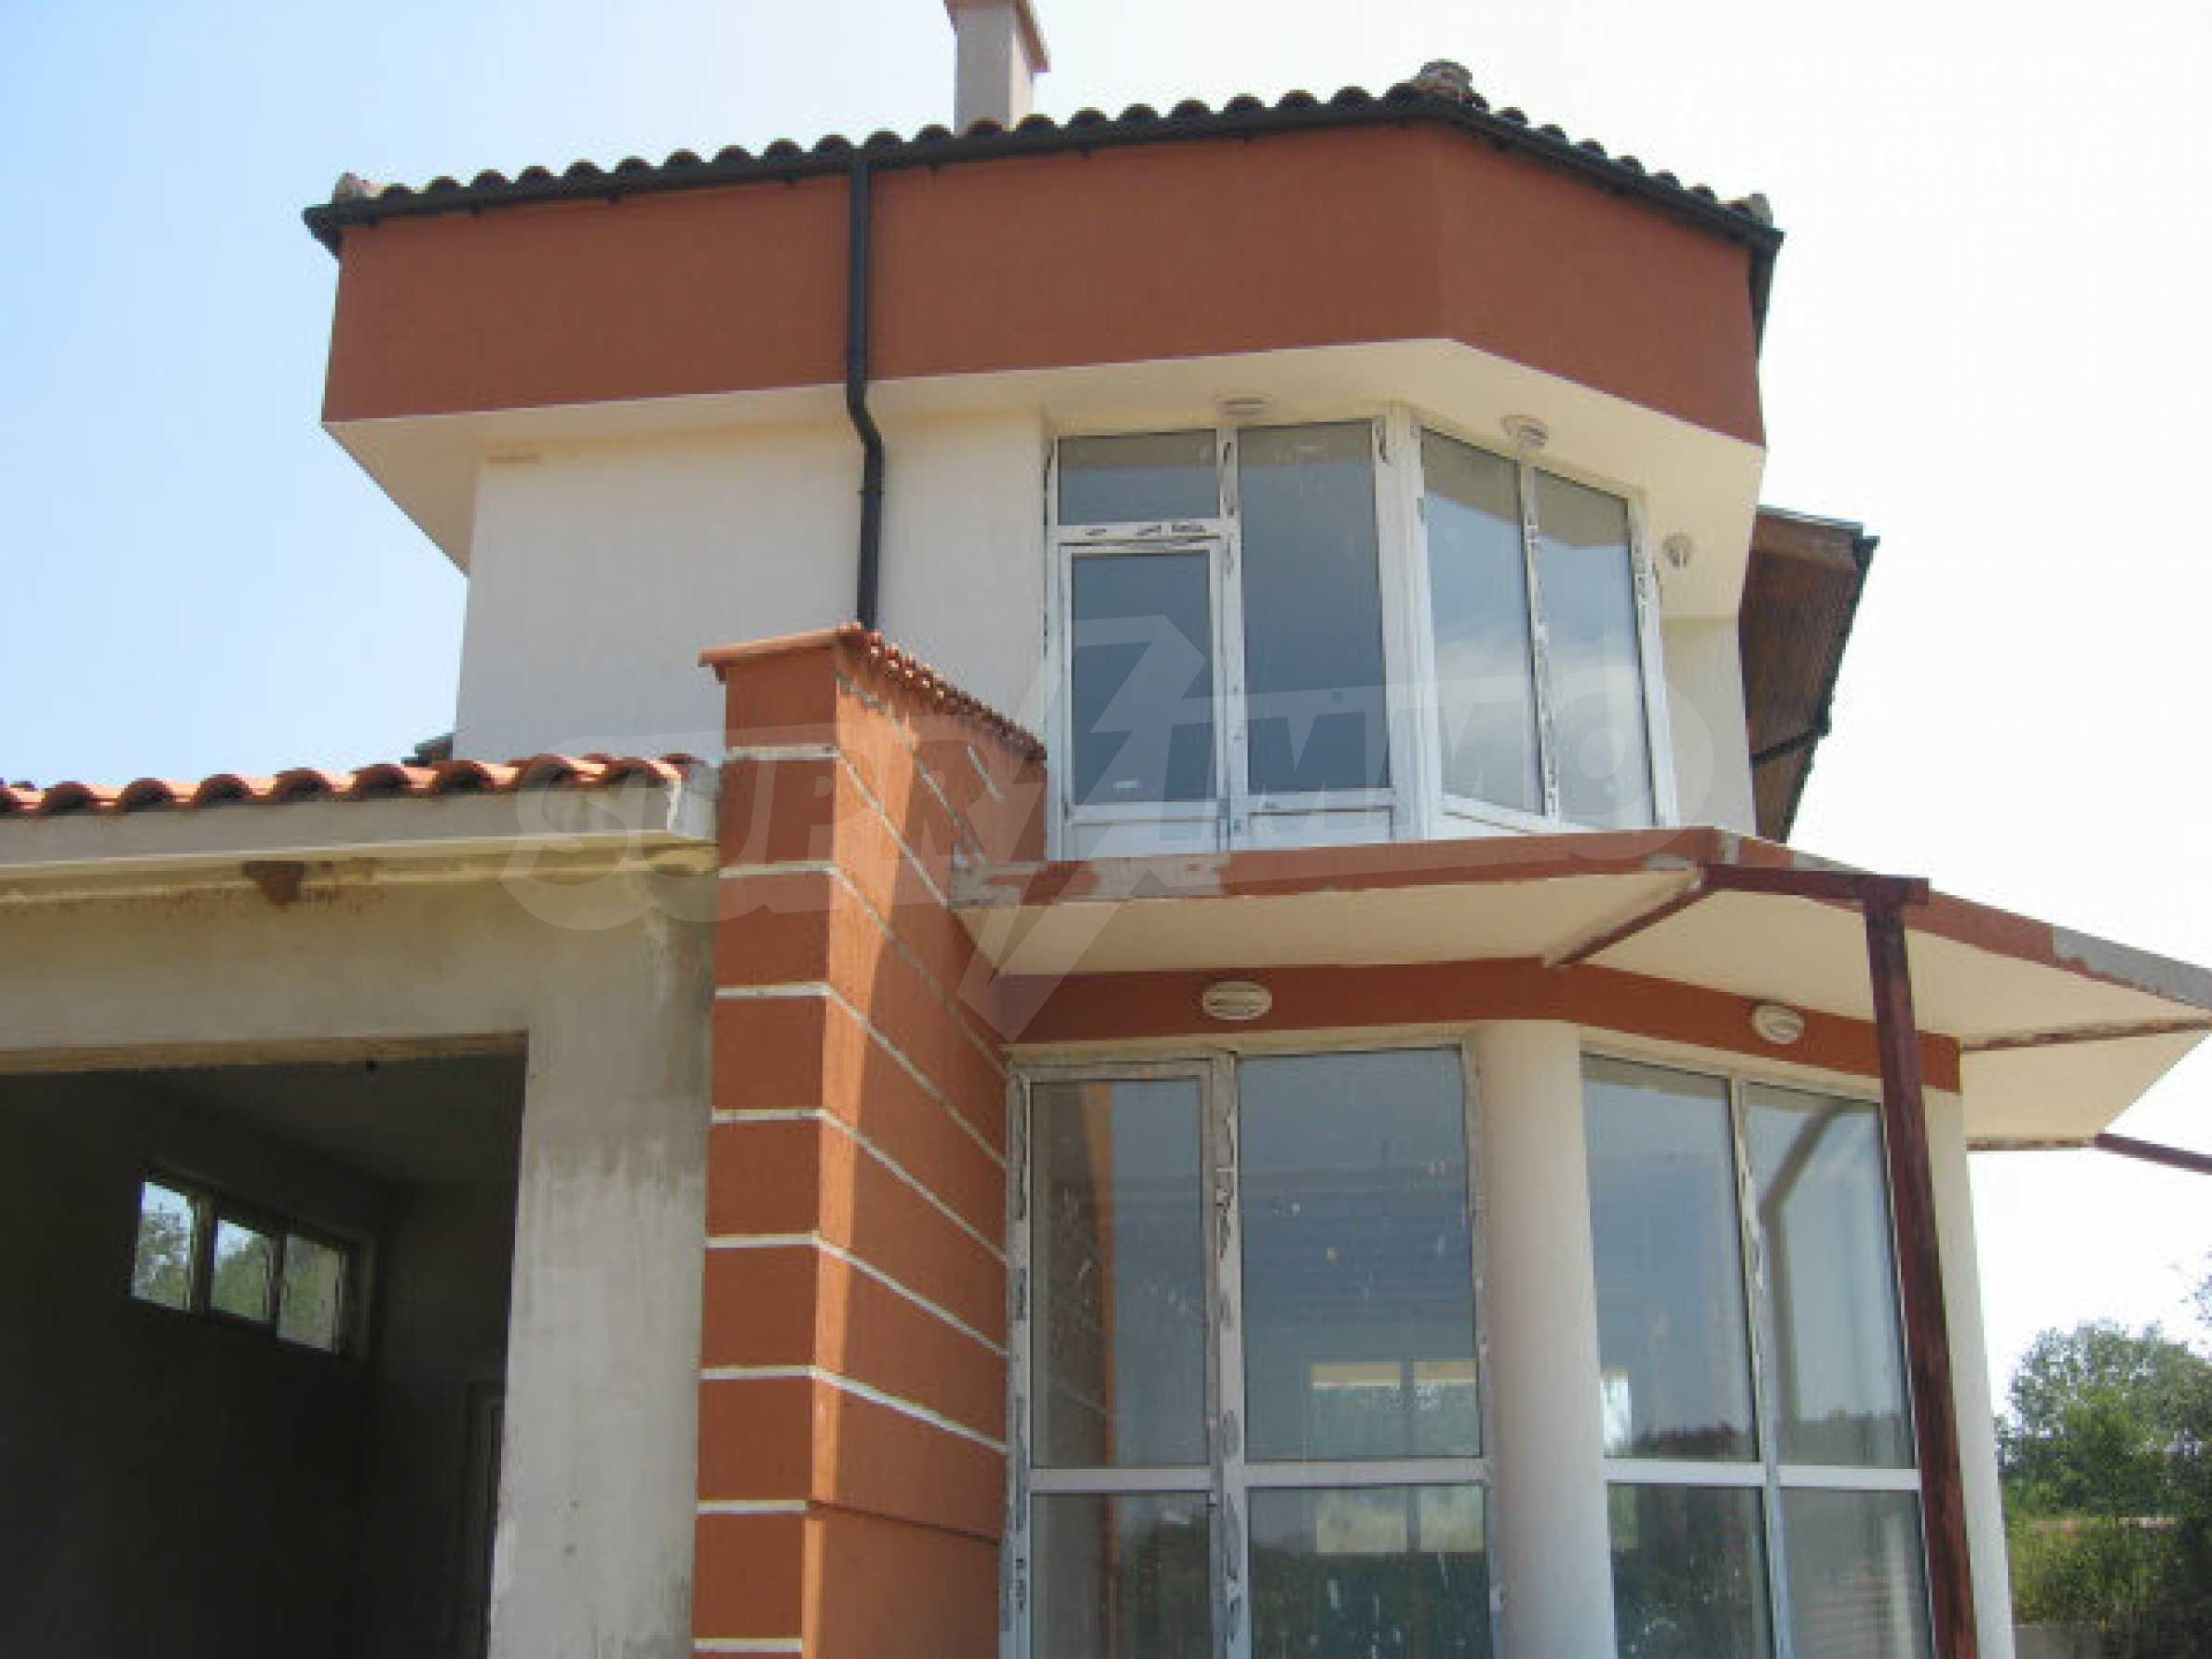 Schönes neues Haus mit schöner Aussicht auf Sakar in einem ruhigen Dorf in der Nähe von Topolovgrad 25